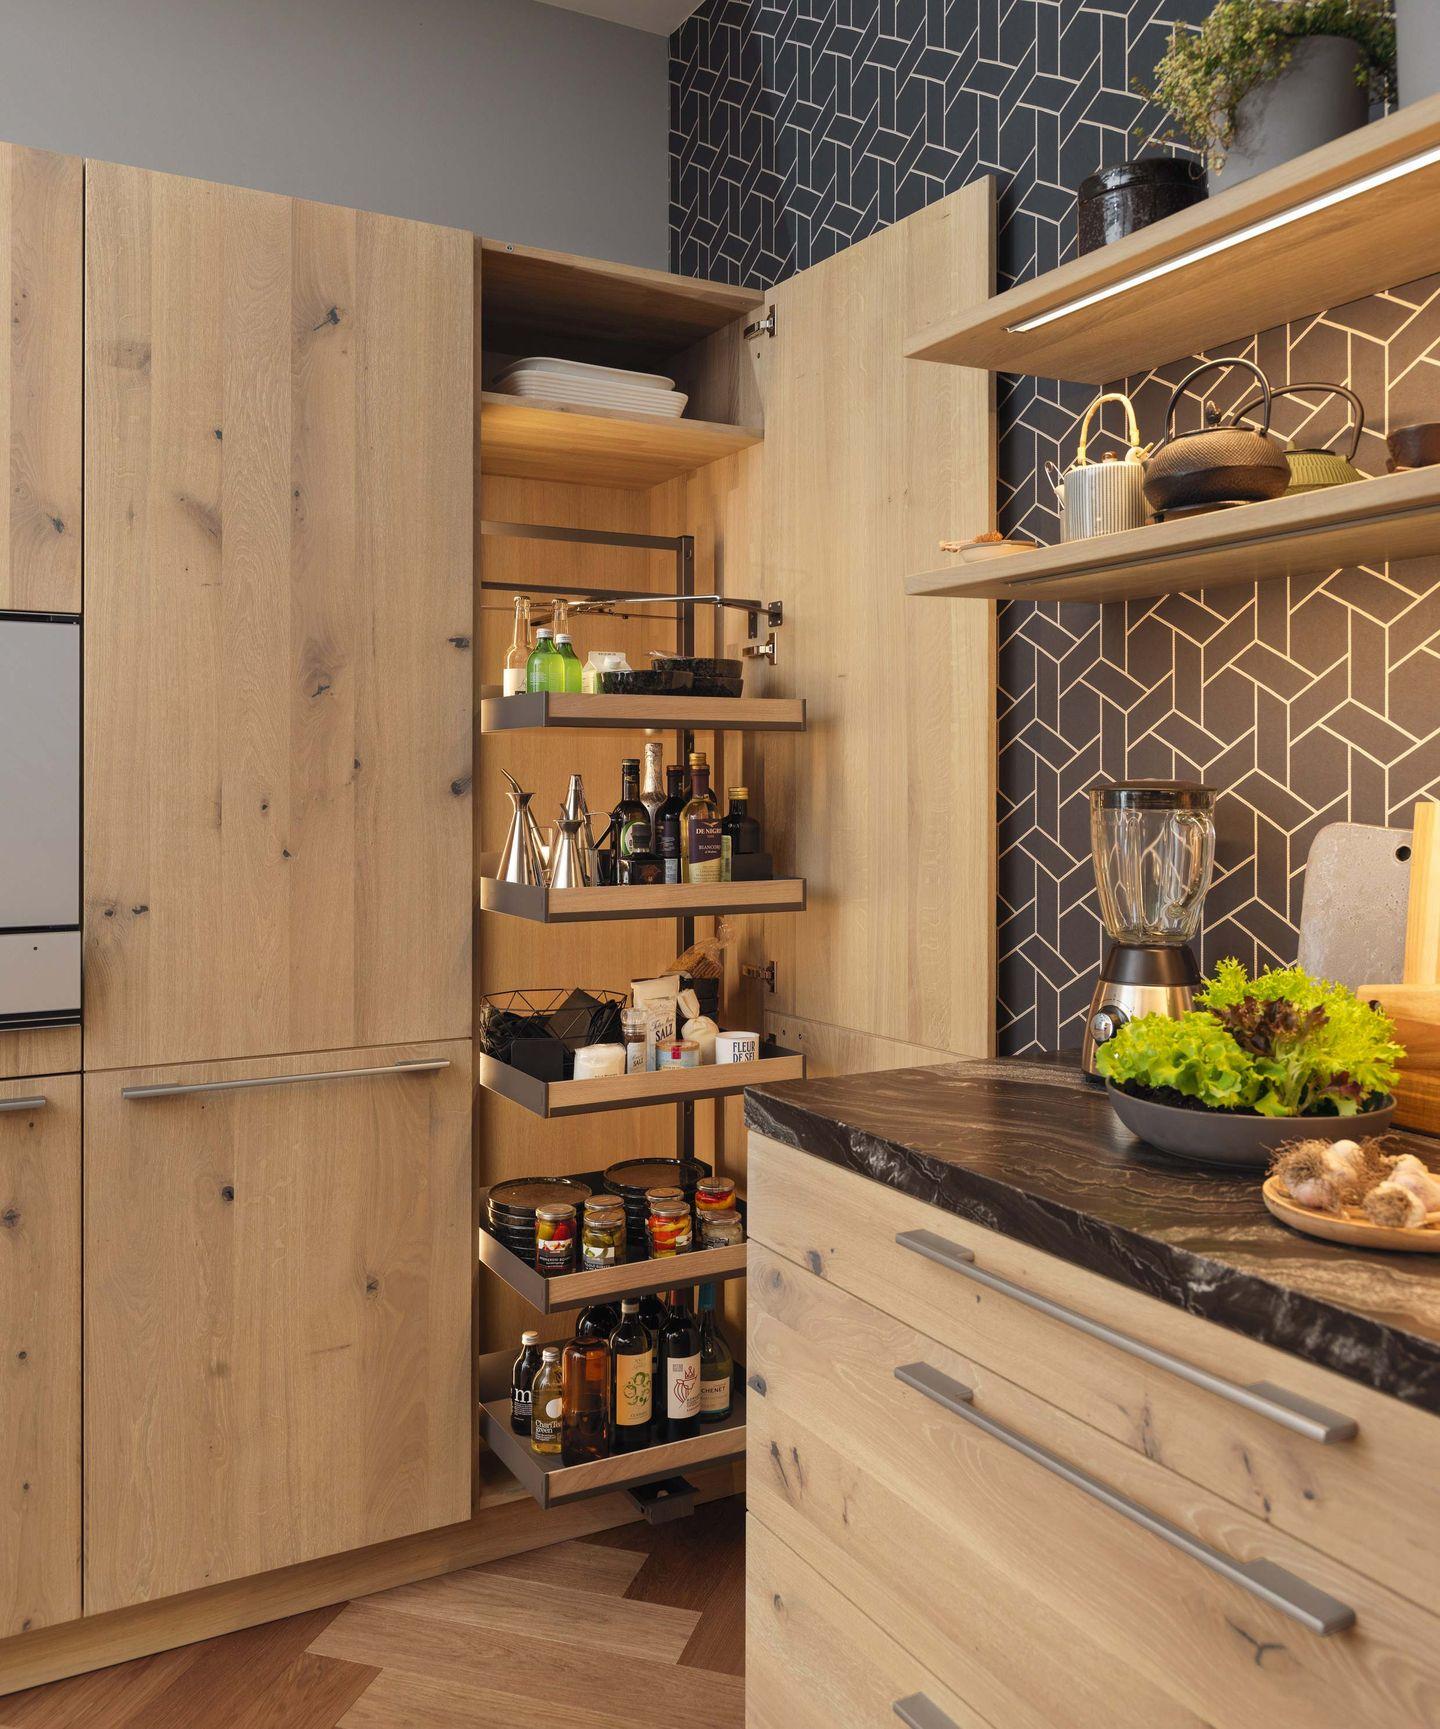 Mobile a colonna cucina loft con sistema d'estrazione tandem solo